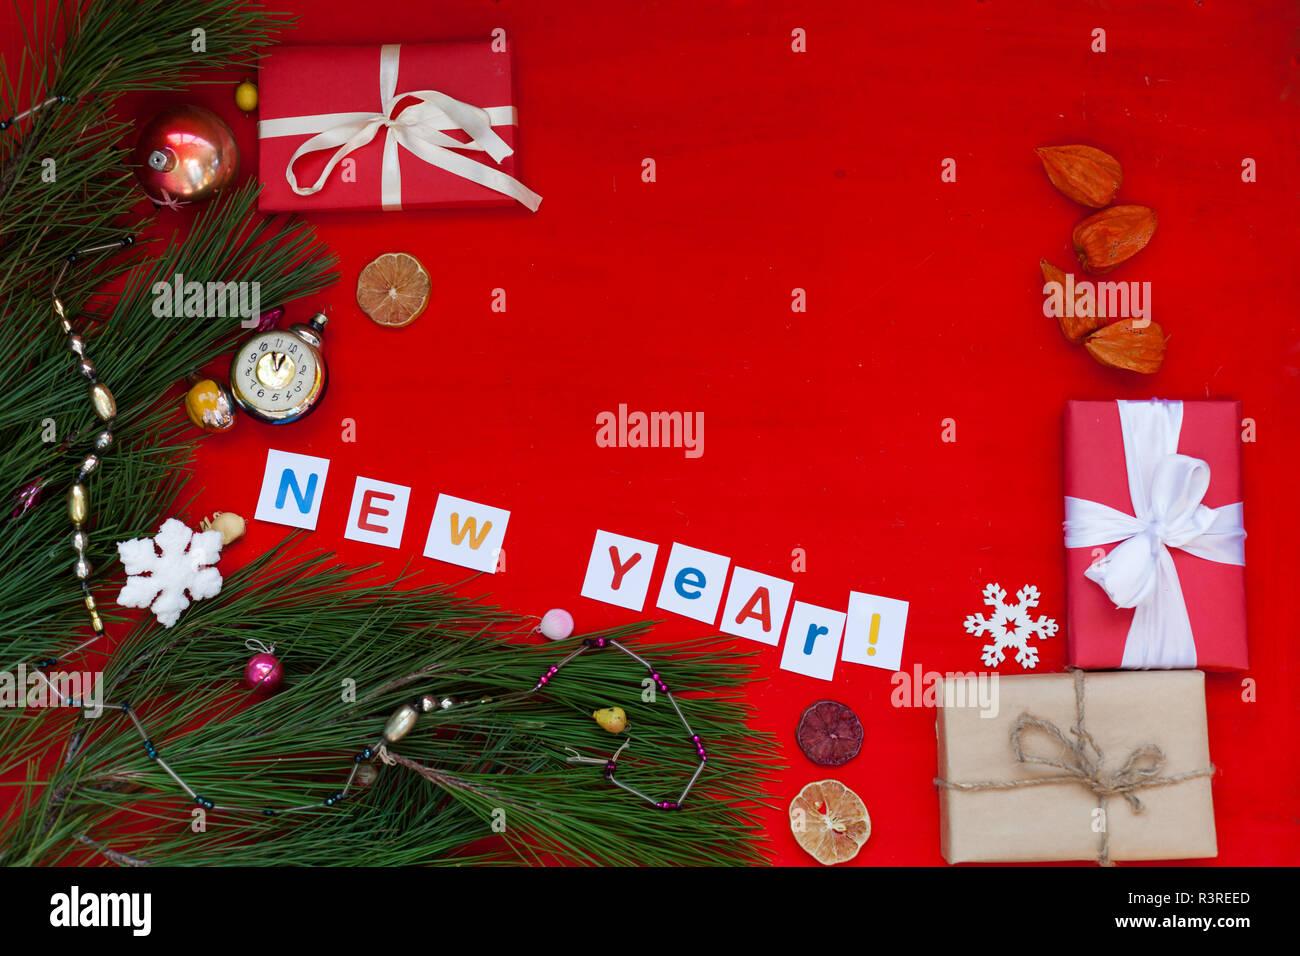 Weihnachten Geschenke 2019.Winter Weihnachten Hintergrund Weihnachtsbaum Geschenke Neues Jahr